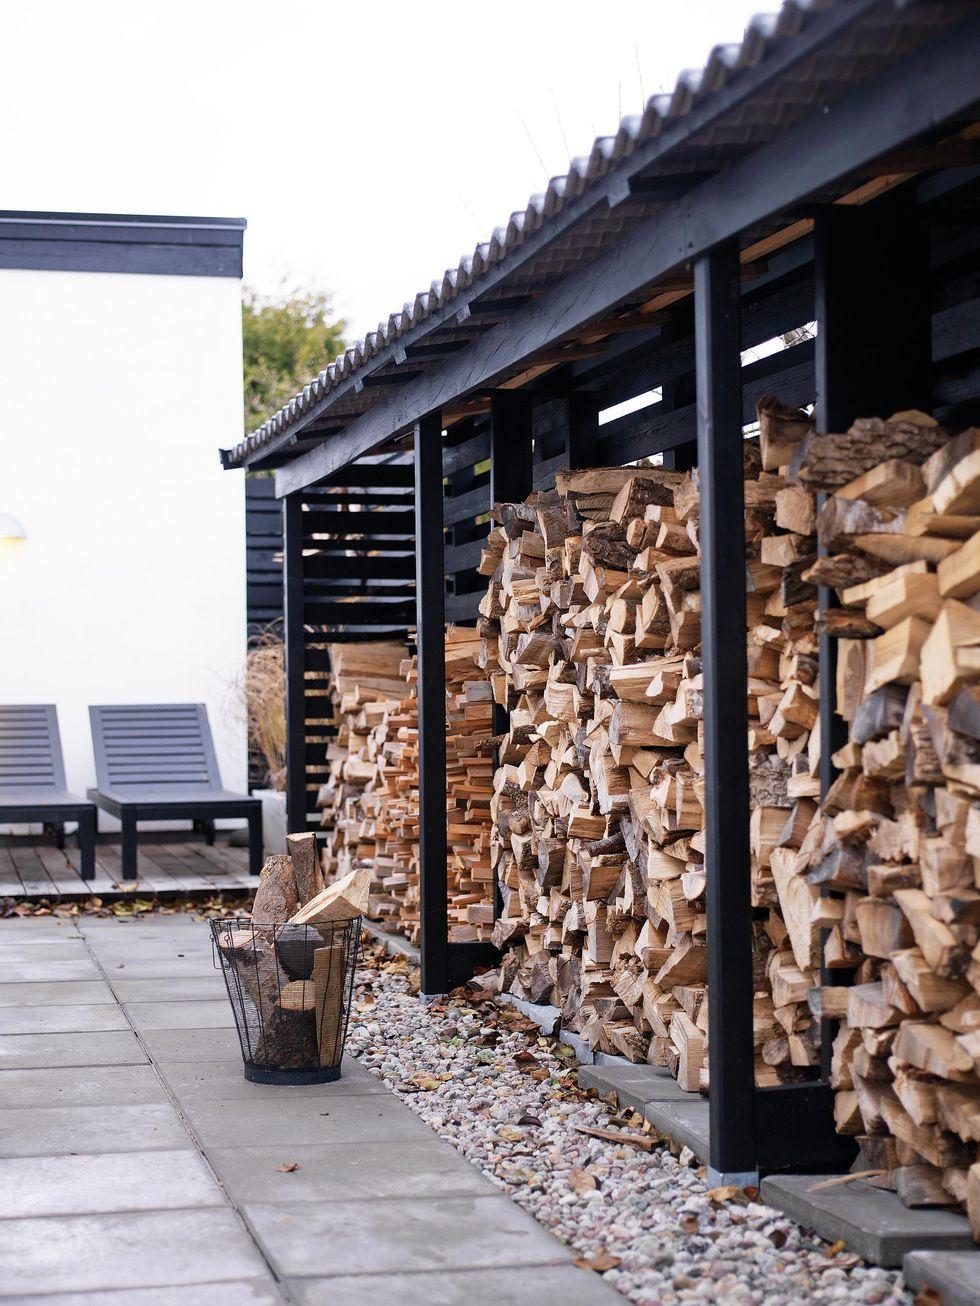 укладка дров в штабель в деревянный дровник